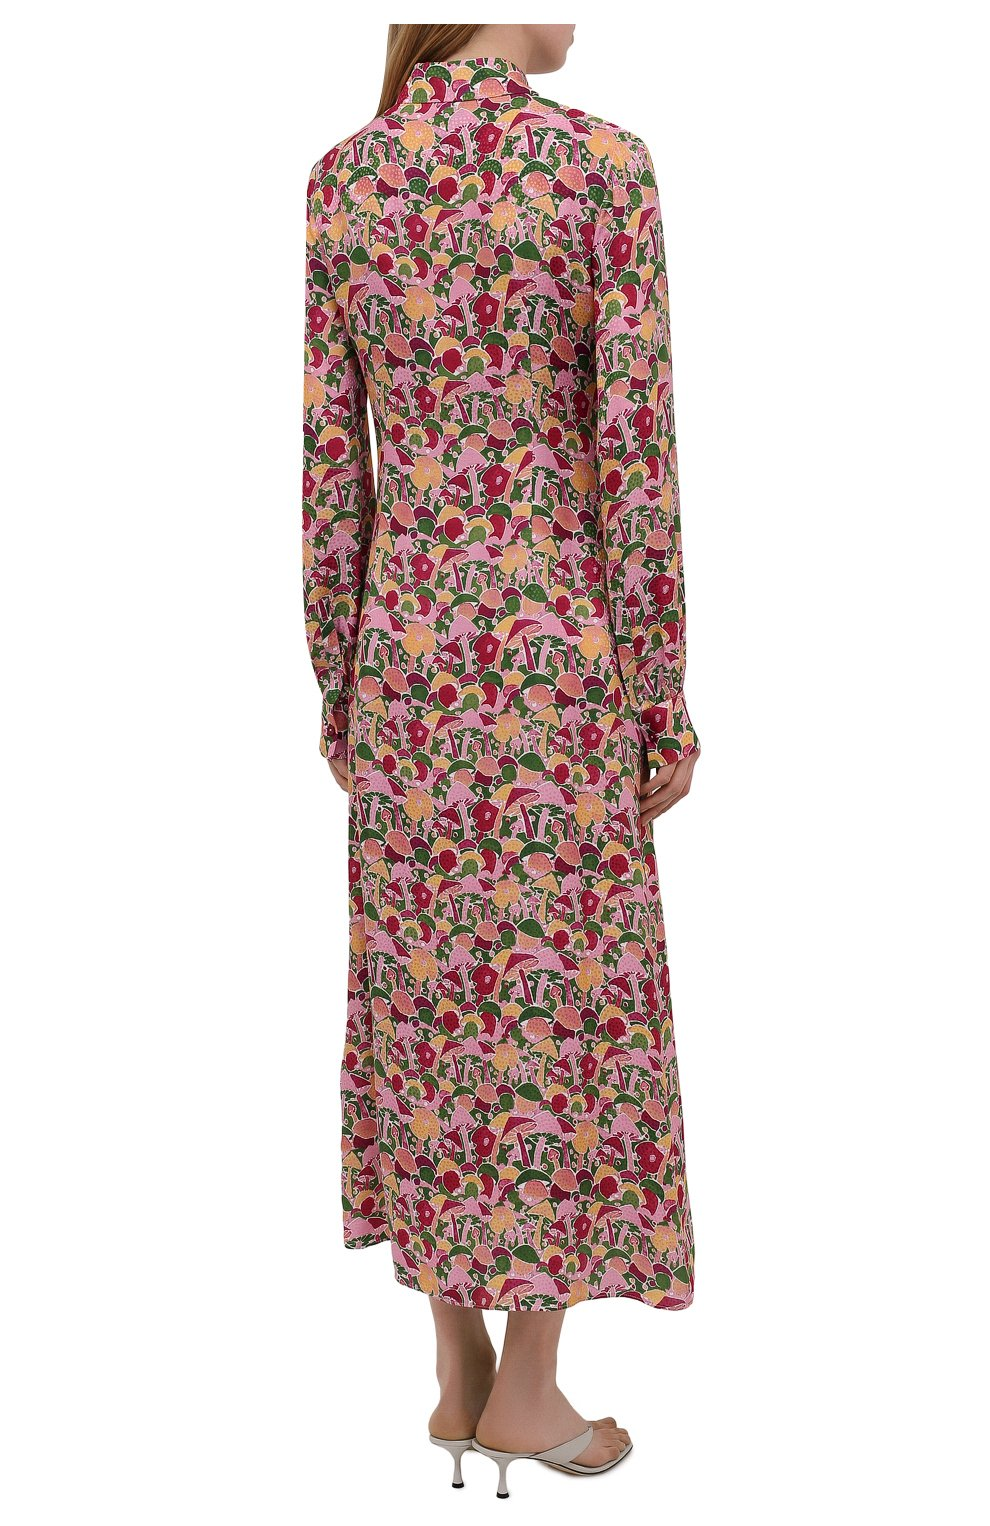 Женское платье из вискозы и шелка M MISSONI разноцветного цвета, арт. 2DG00545/2W0070 | Фото 4 (Женское Кросс-КТ: платье-рубашка, Платье-одежда; Материал внешний: Шелк, Вискоза; Рукава: Длинные; Случай: Повседневный; Длина Ж (юбки, платья, шорты): Миди; Стили: Бохо)